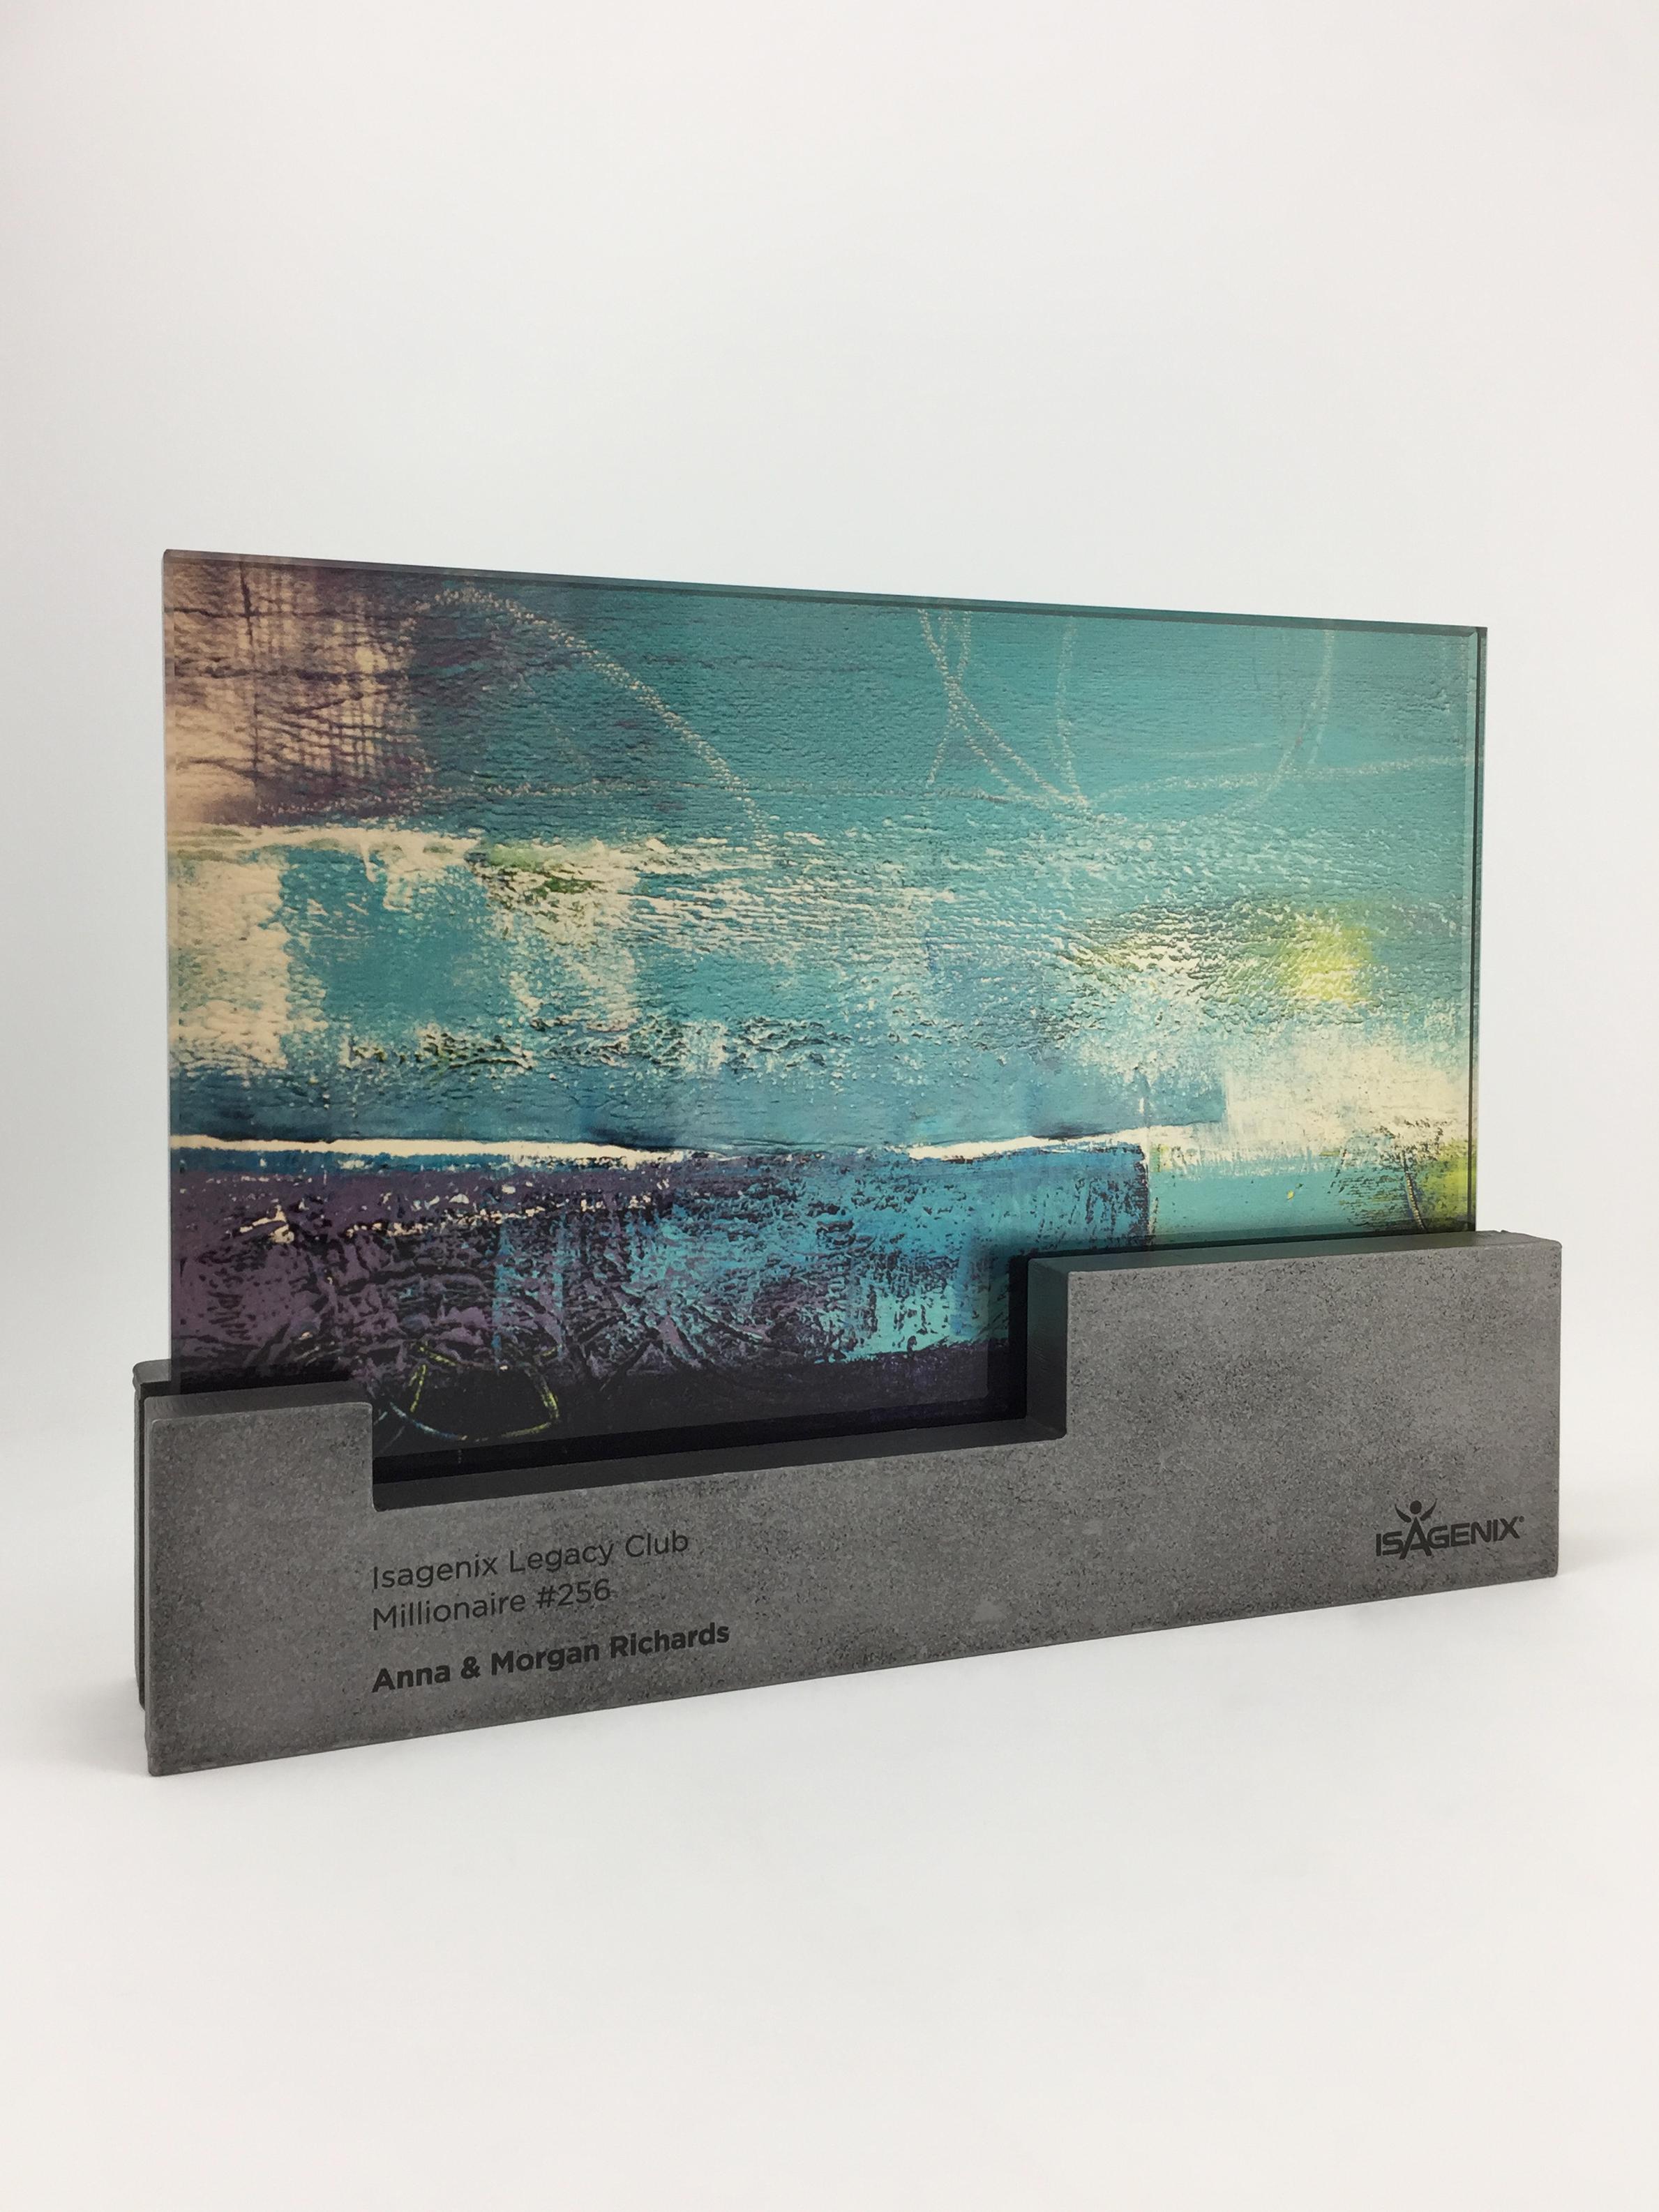 isagenix-millionaires-metal-glass-art-trophy-awards-sculpture-01.jpg